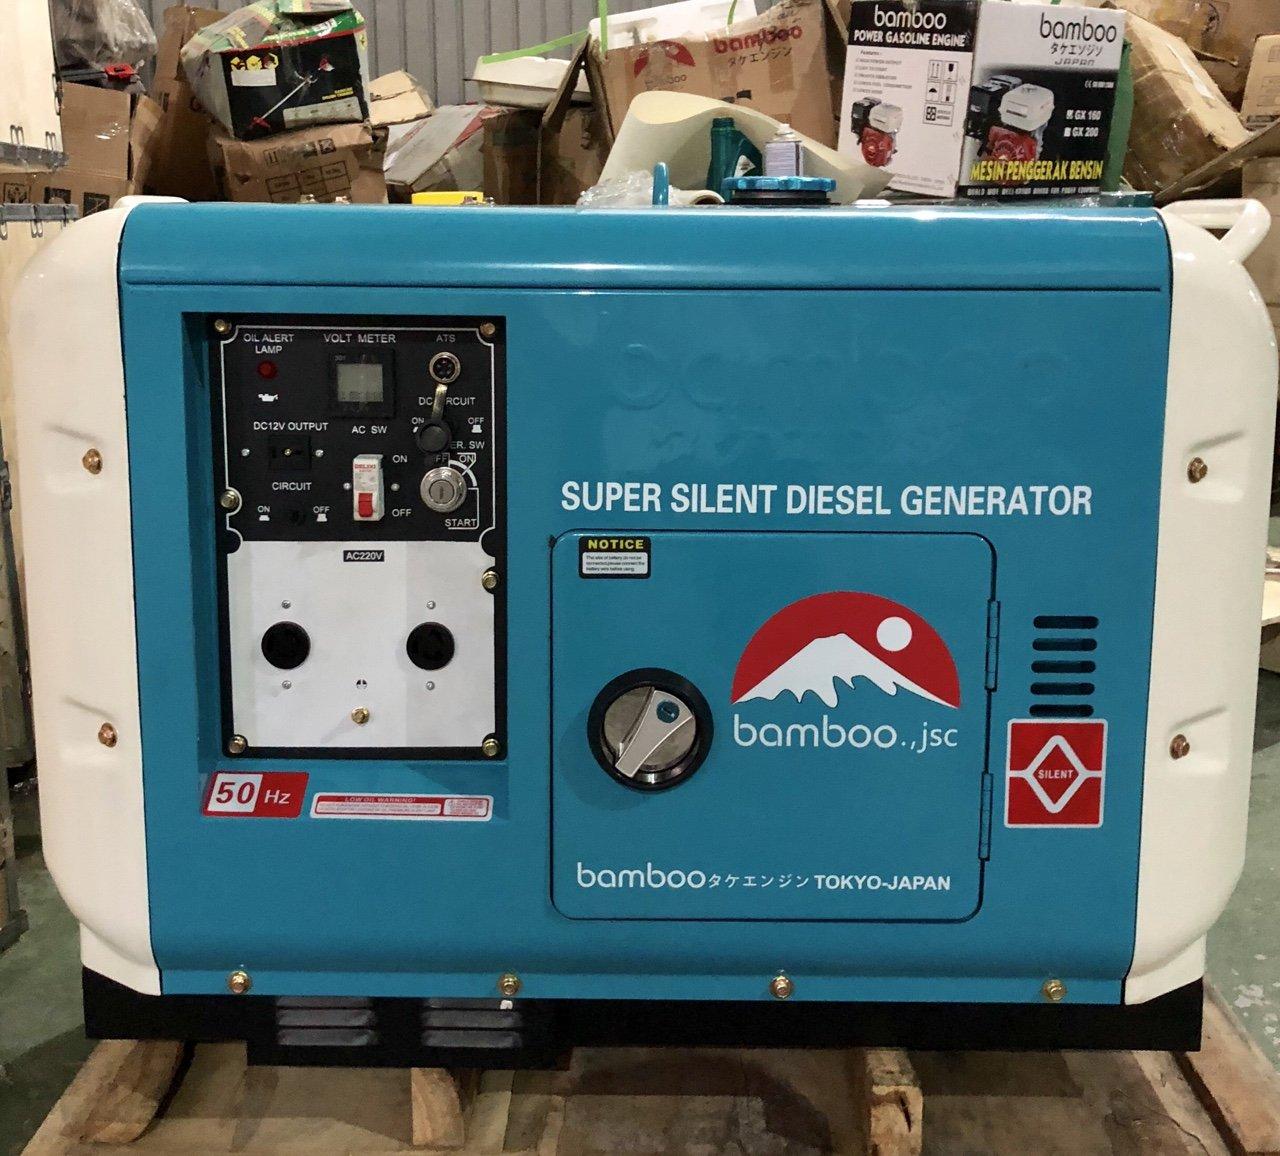 máy phát điện chạy dầu bamboo bmb8500det